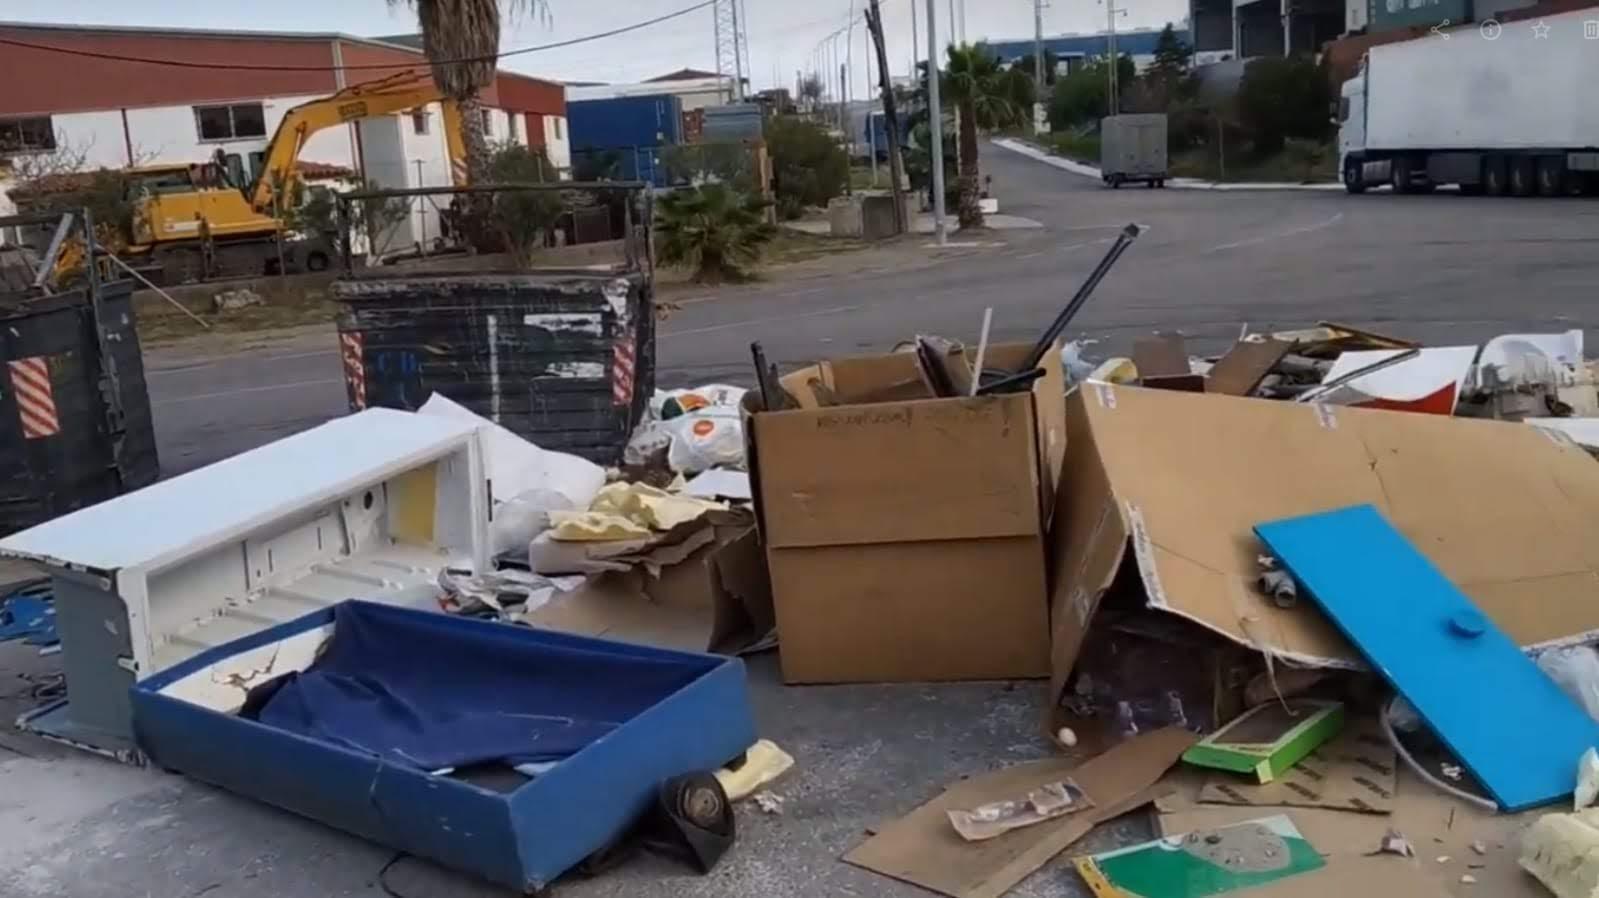 Verdemar denuncia la presencia de residuos de todo tipo en el Cortijo Real en Algeciras